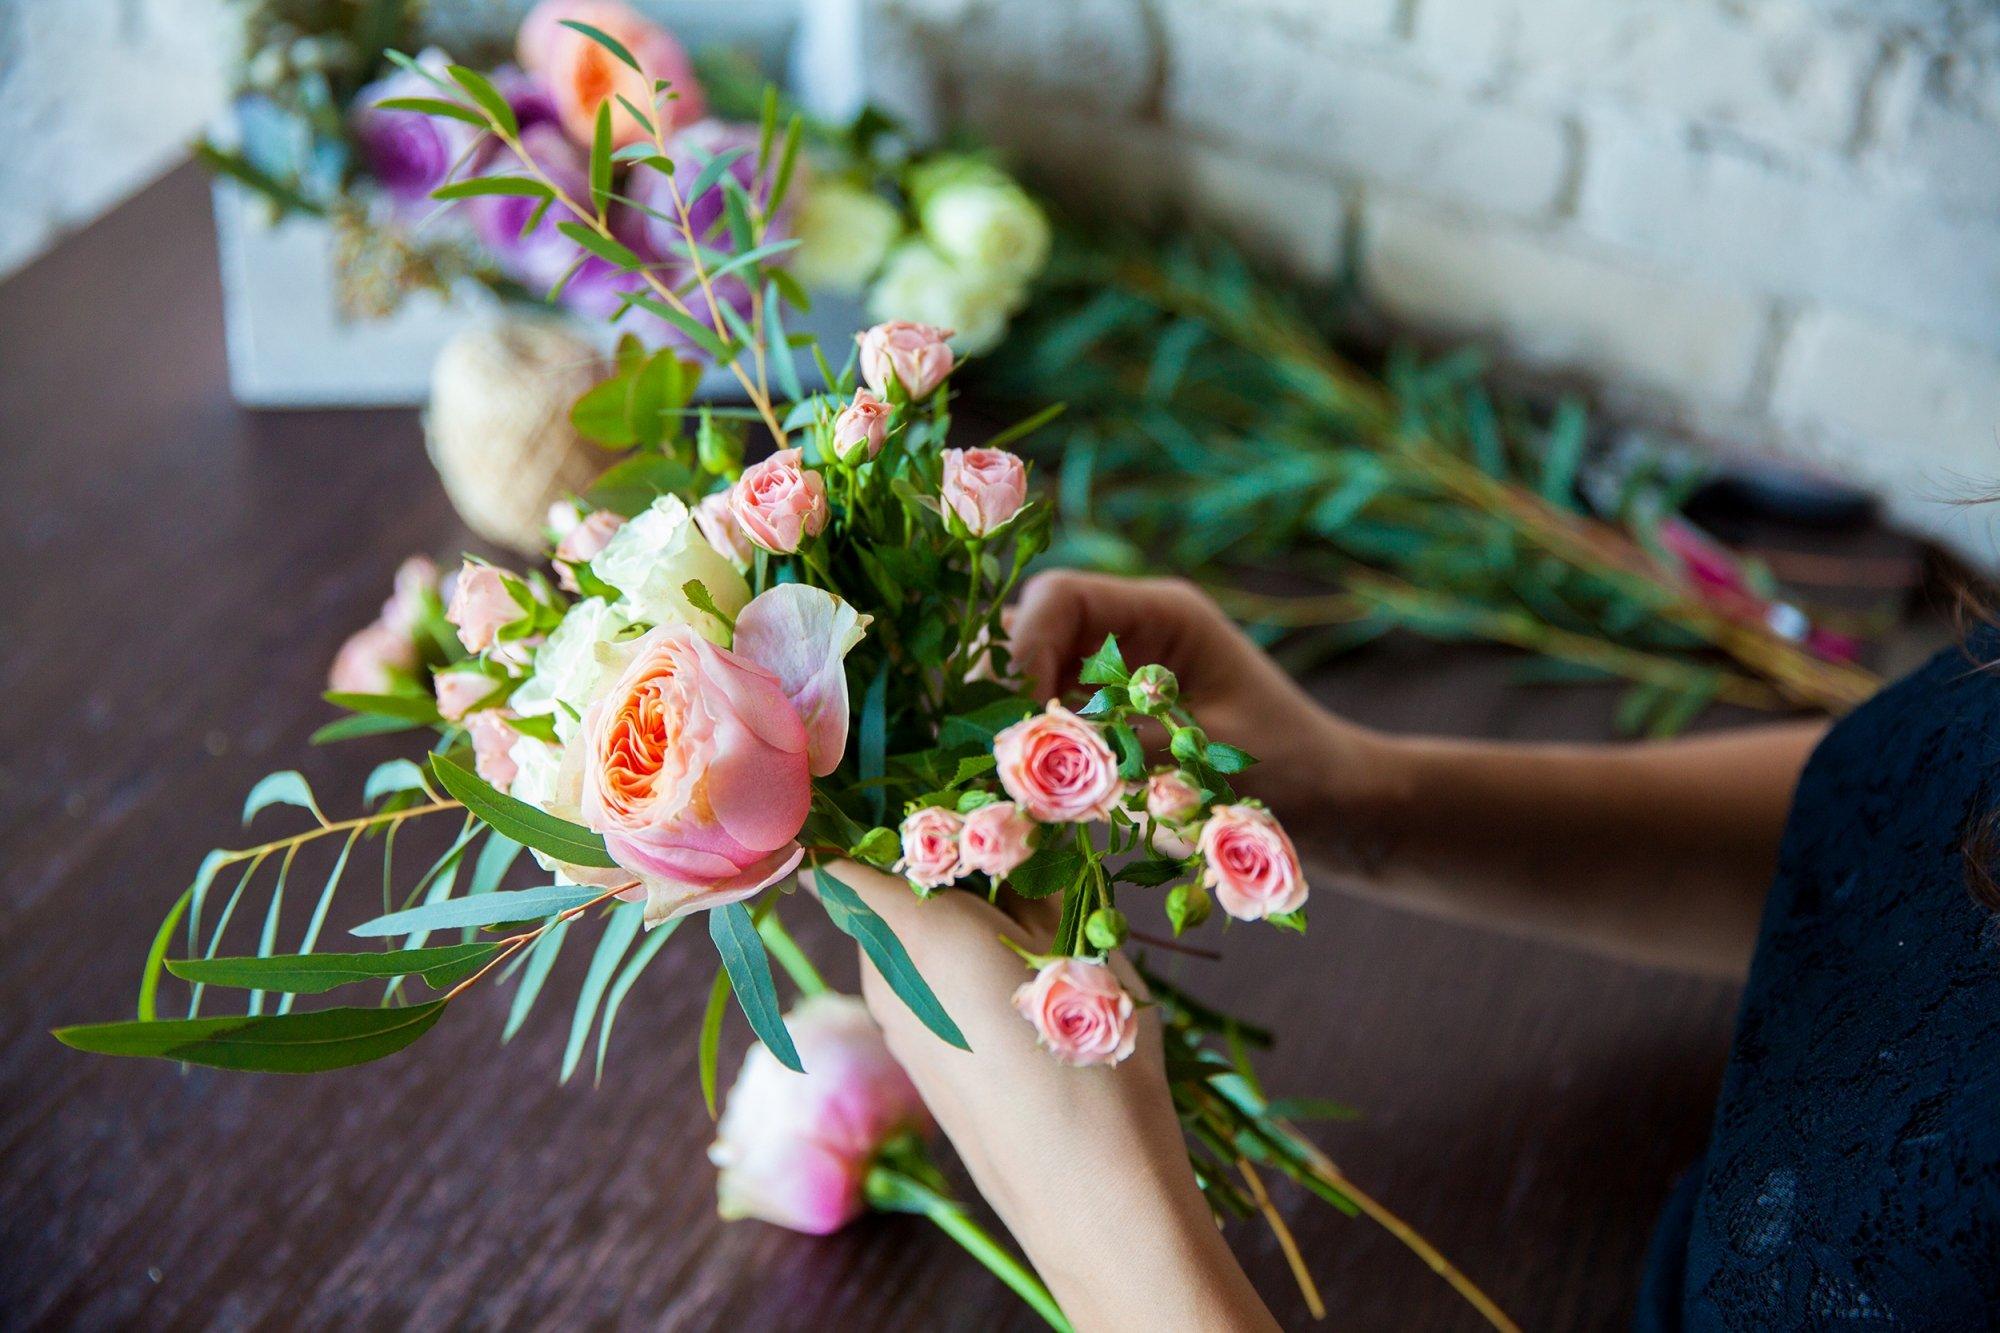 Ou Acheter De La Mousse Pour Piquer Des Fleurs comment réaliser ses propres compositions florales ?